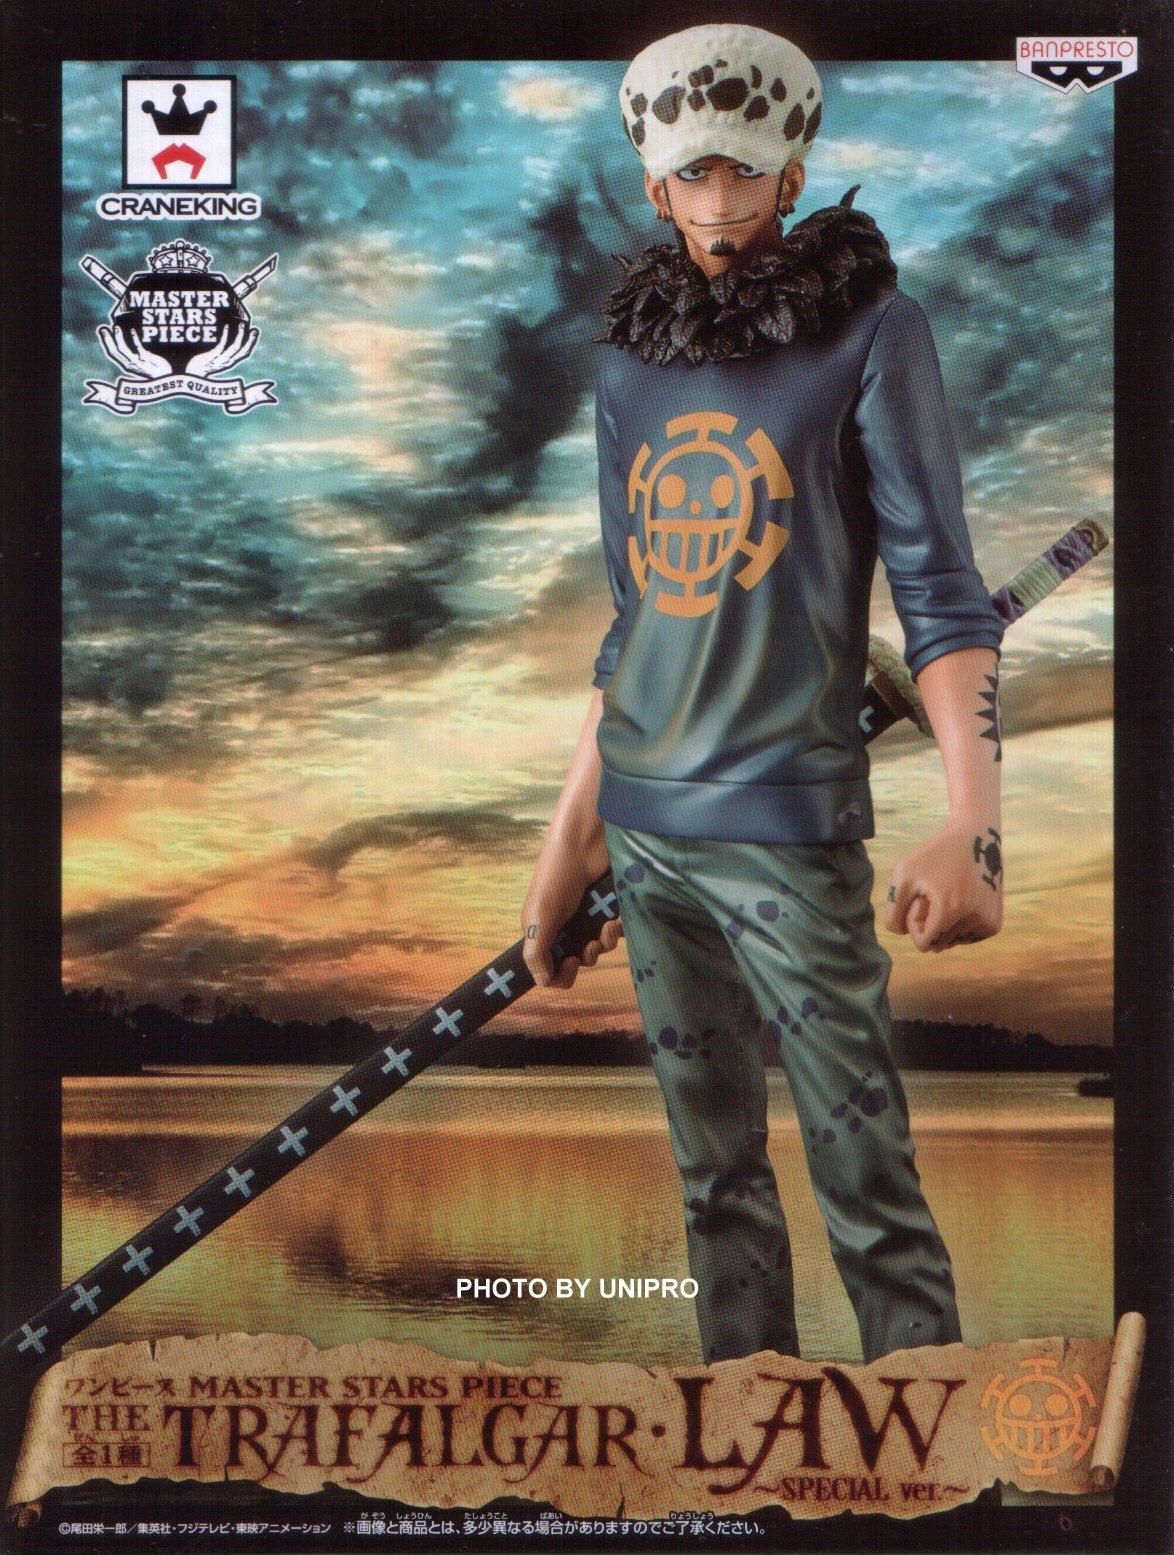 台灣代理版 MSP 托拉法爾加 羅 特別版 SP 1.5版 Special Ver. 海賊王 One Piece ?????